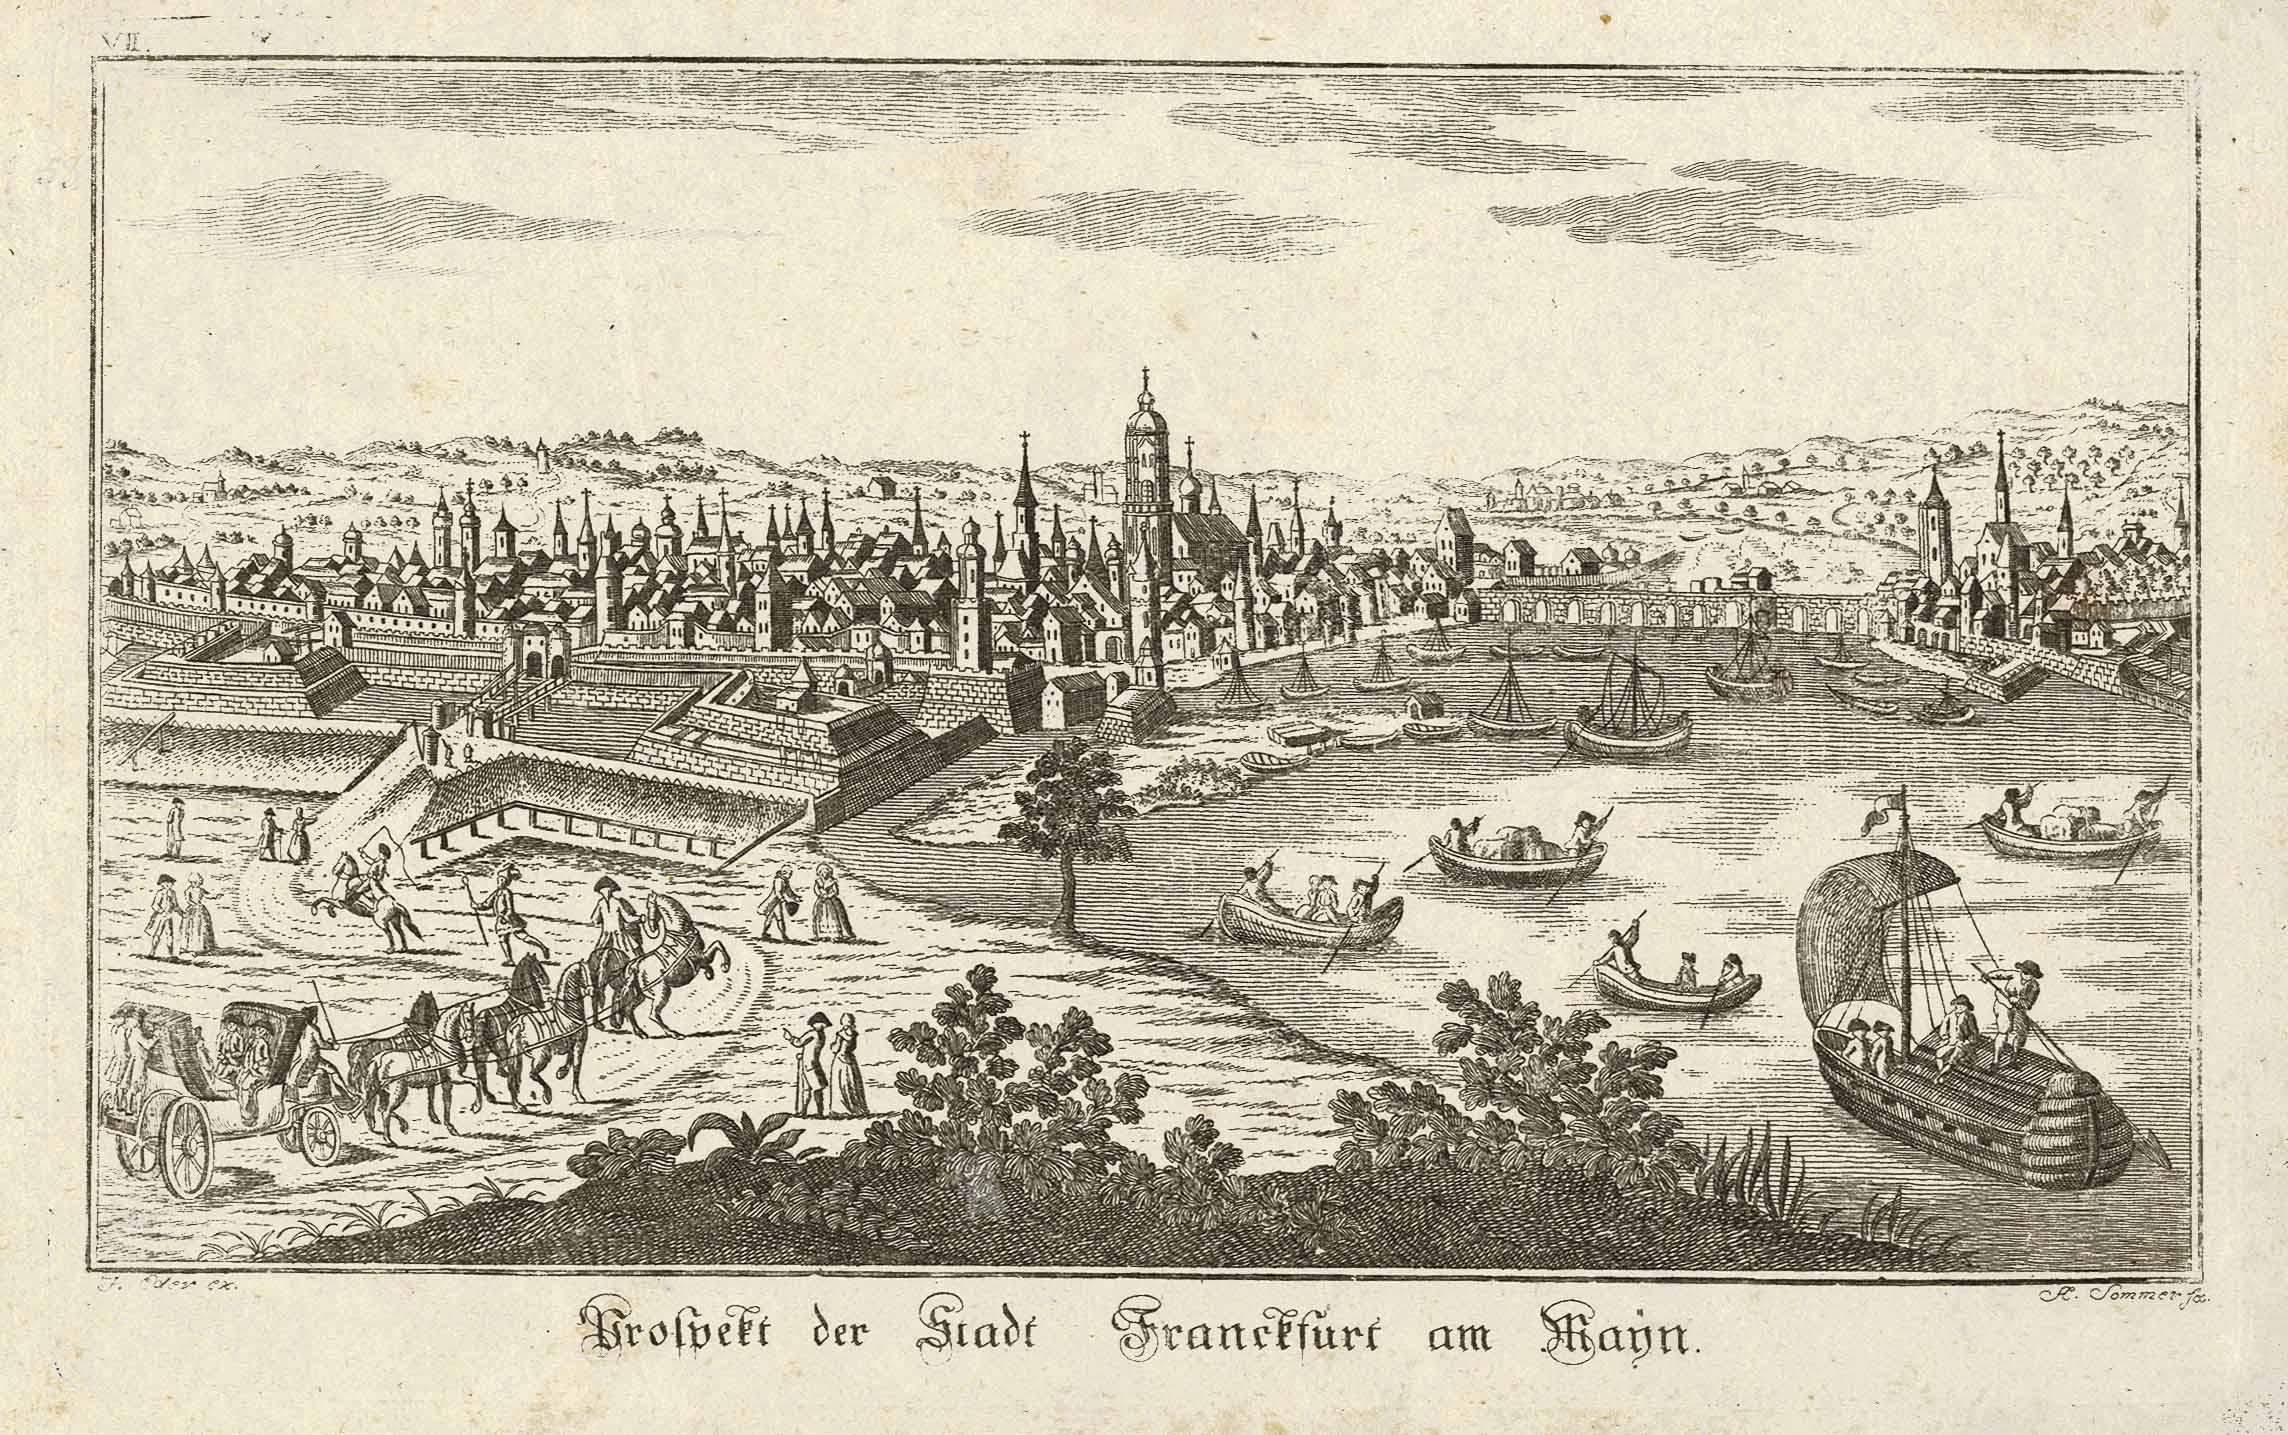 Gesamtansicht ('Prospect der Stadt Franckfurt am Mayn').: FRANKFURT: